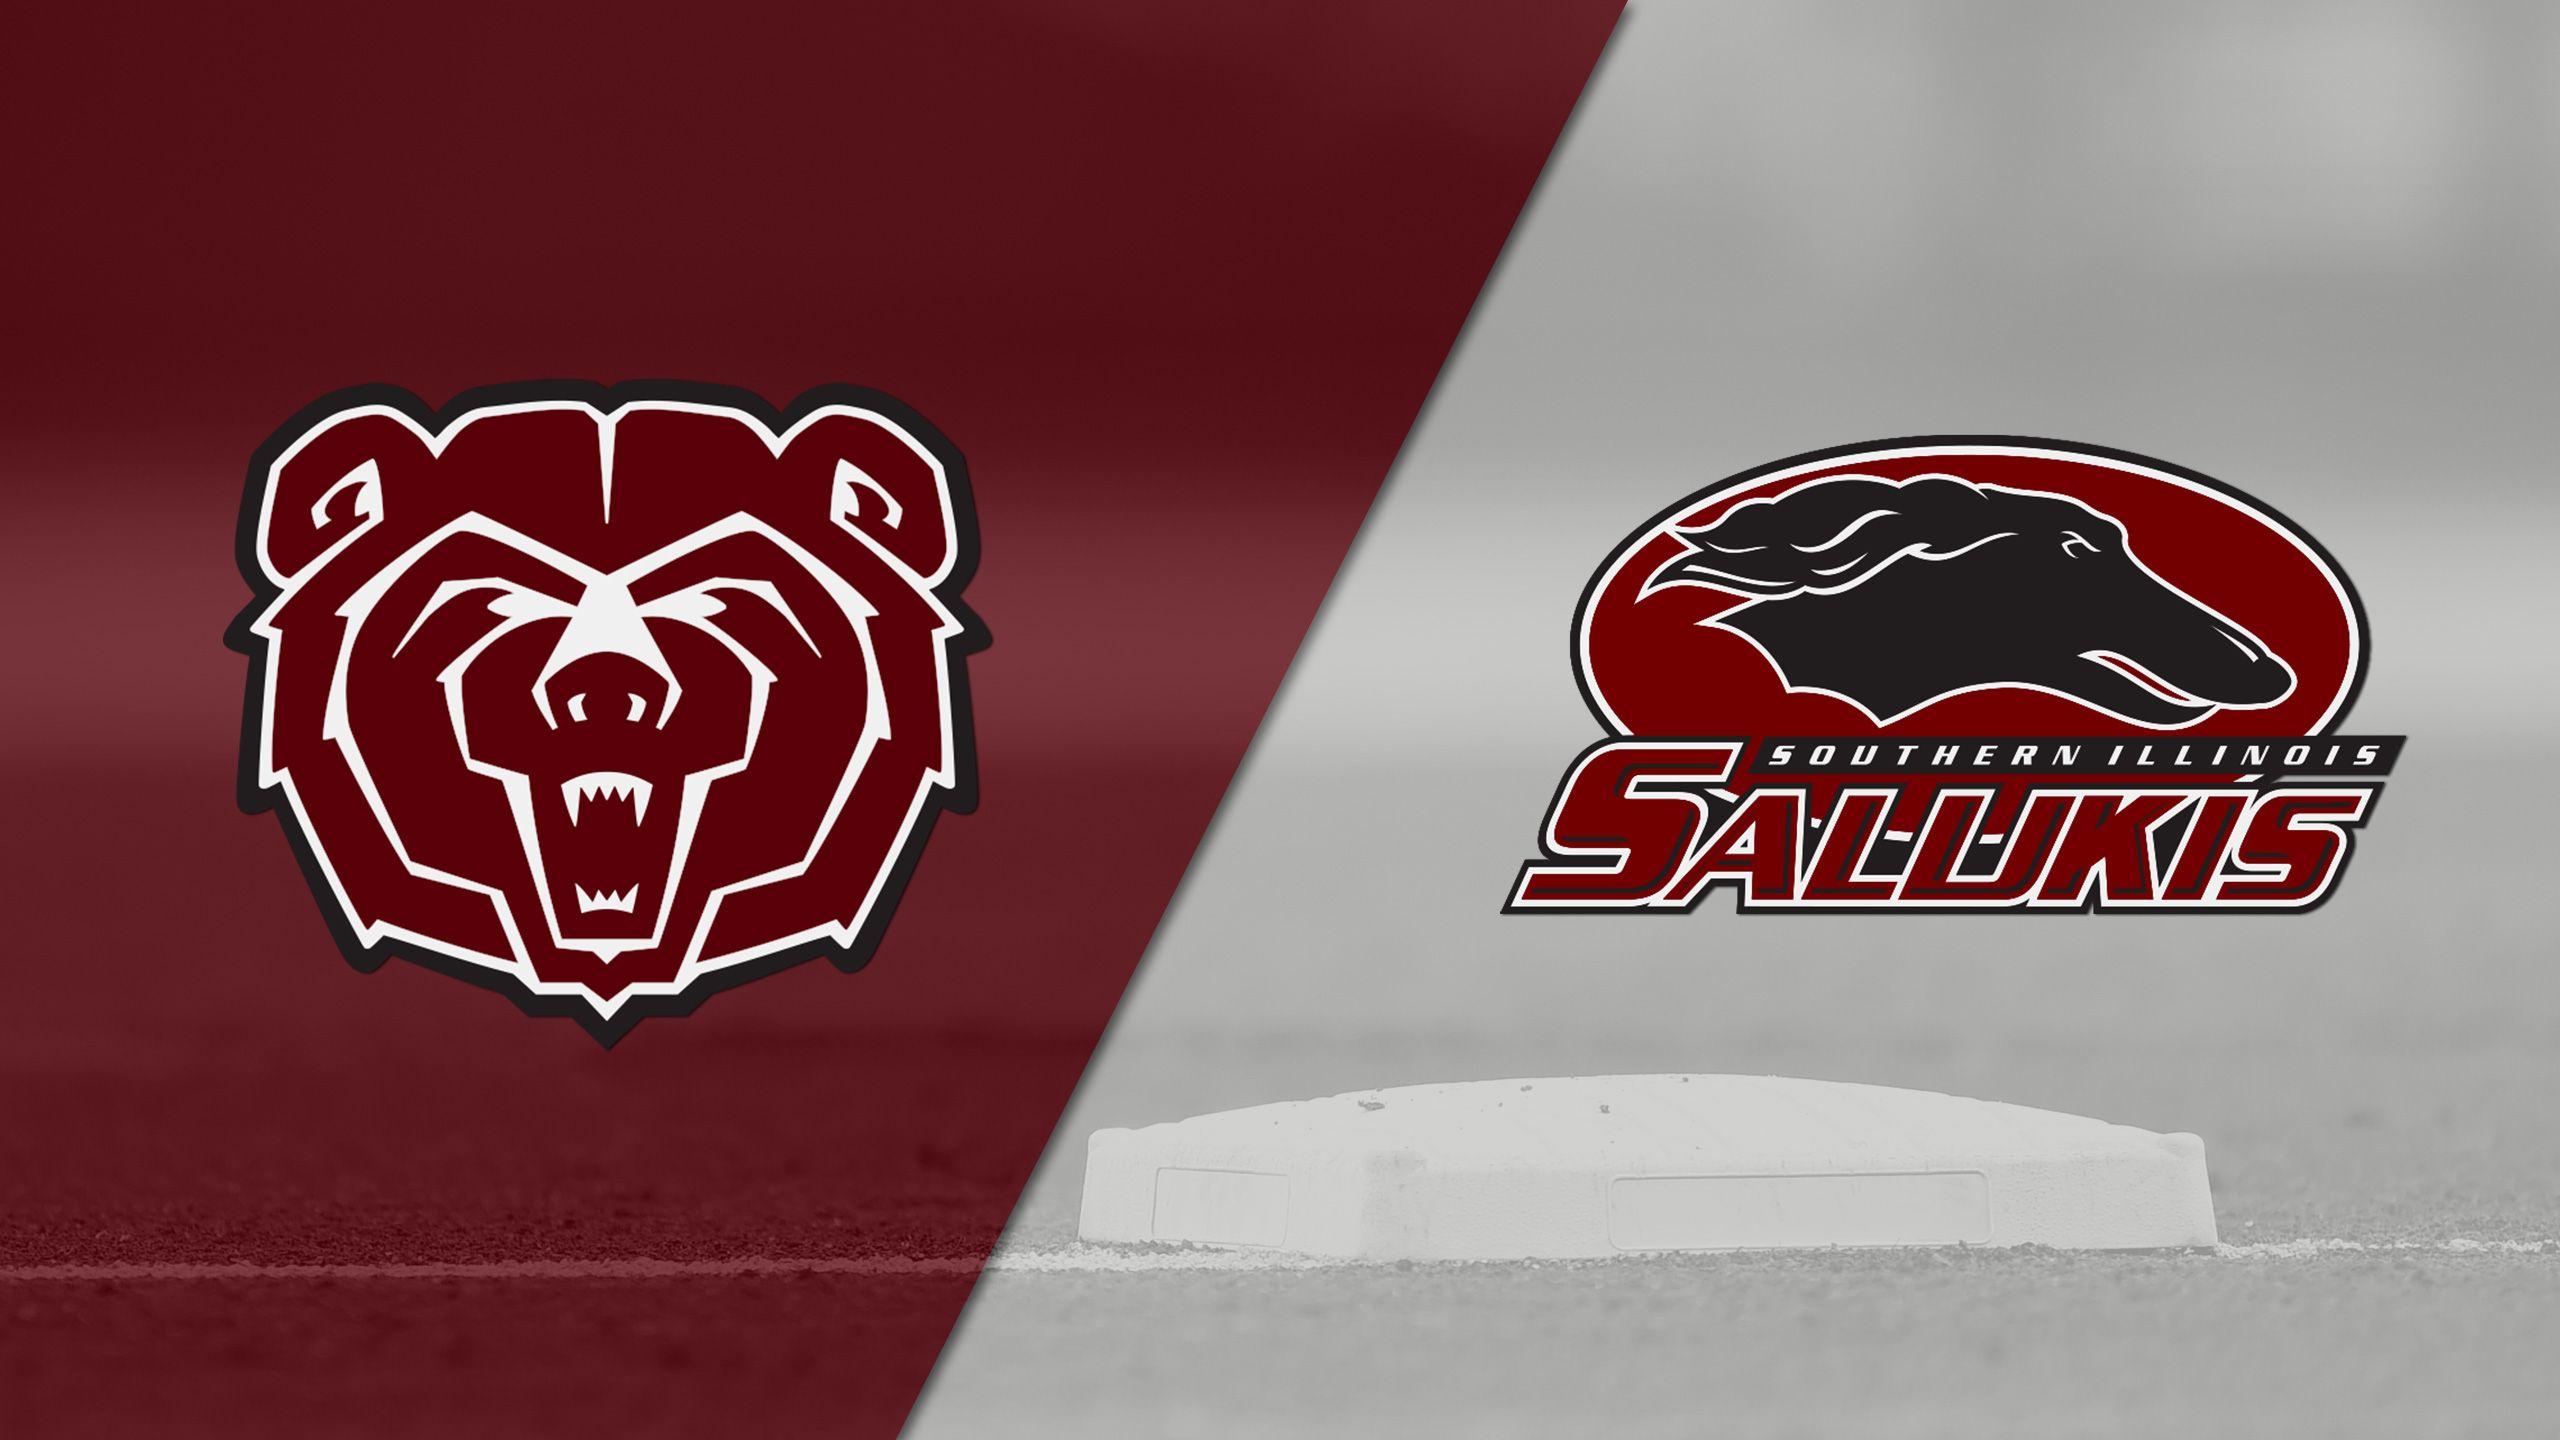 Missouri State vs. Southern Illinois (Softball)